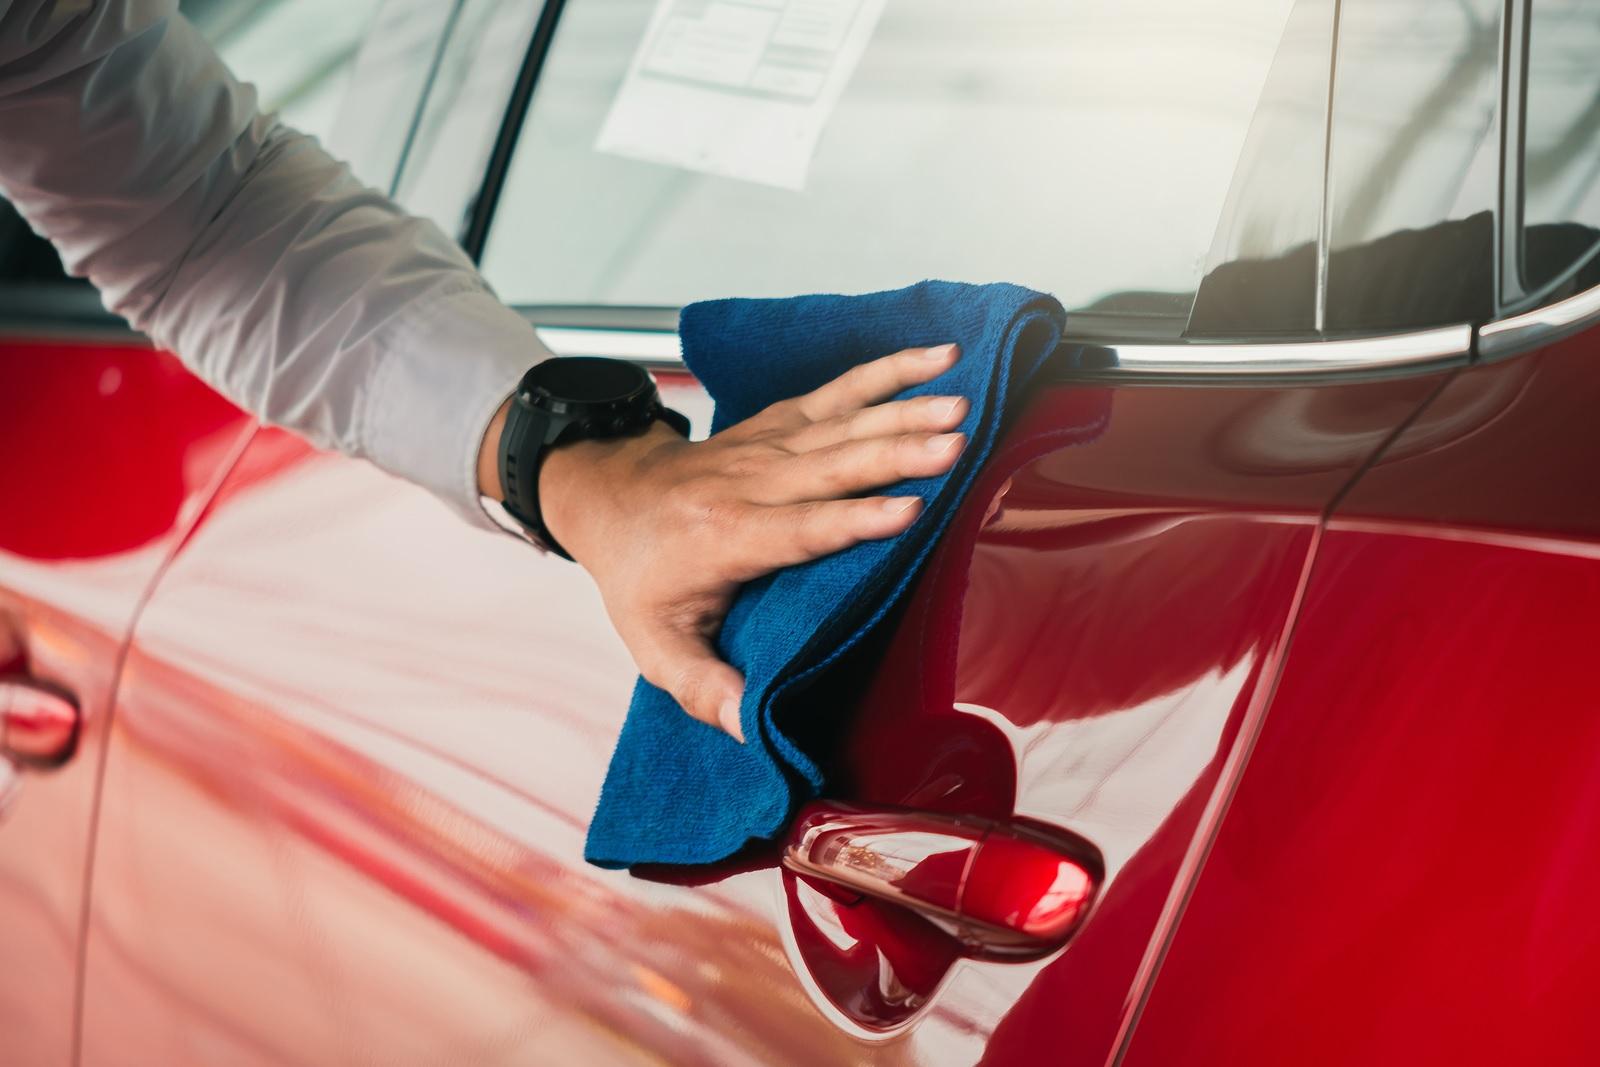 Cómo proteger la pintura de un vehículo